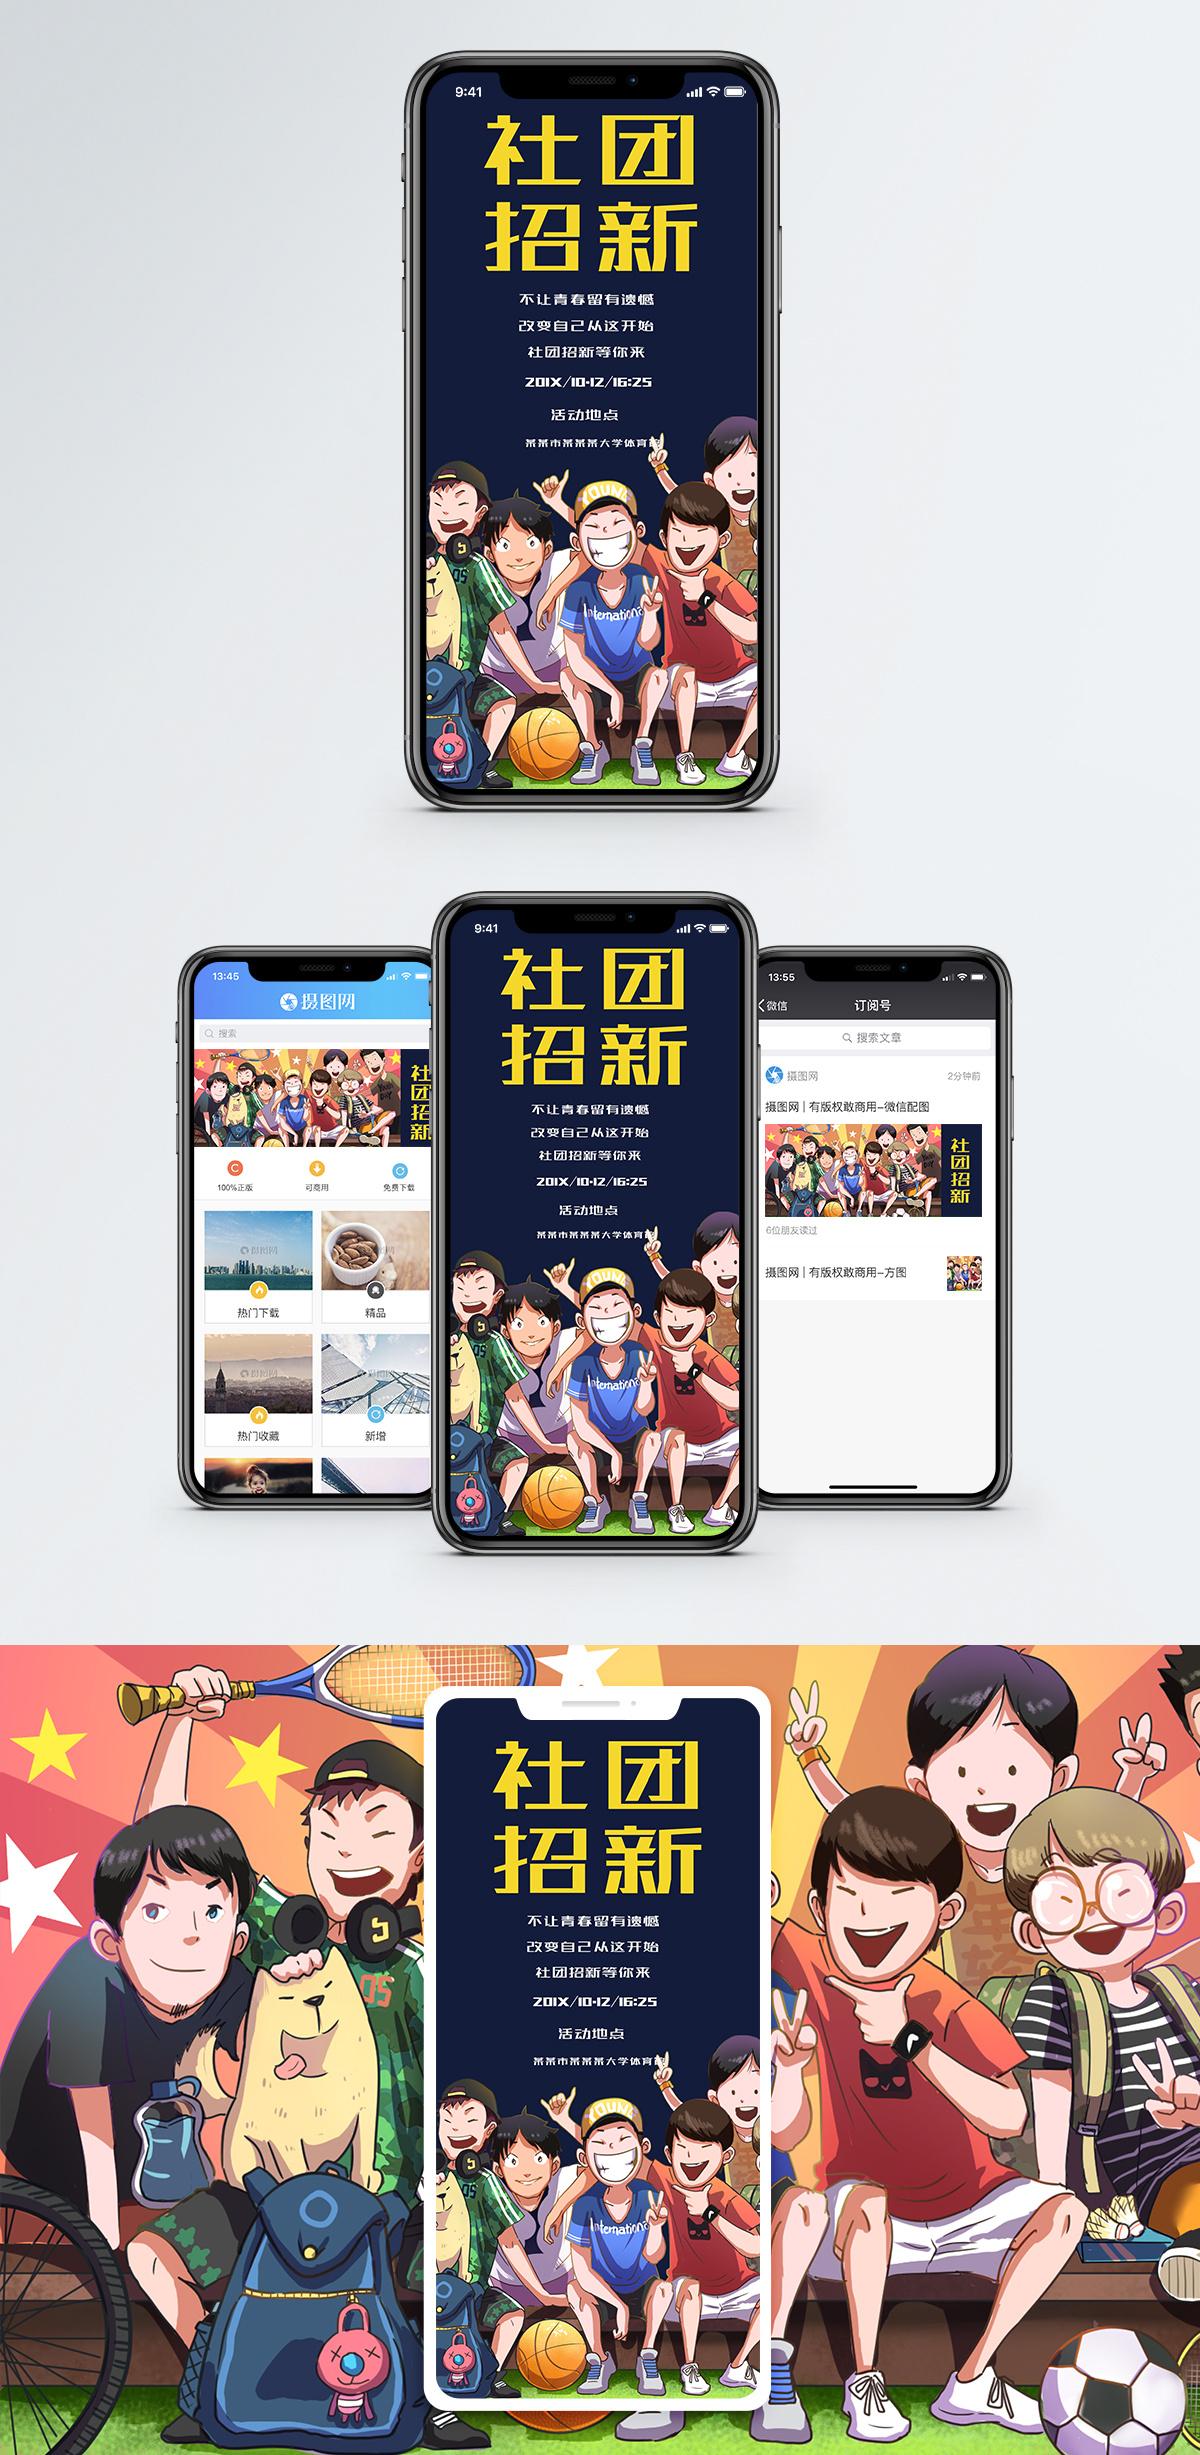 社团招新手机海报配图图片